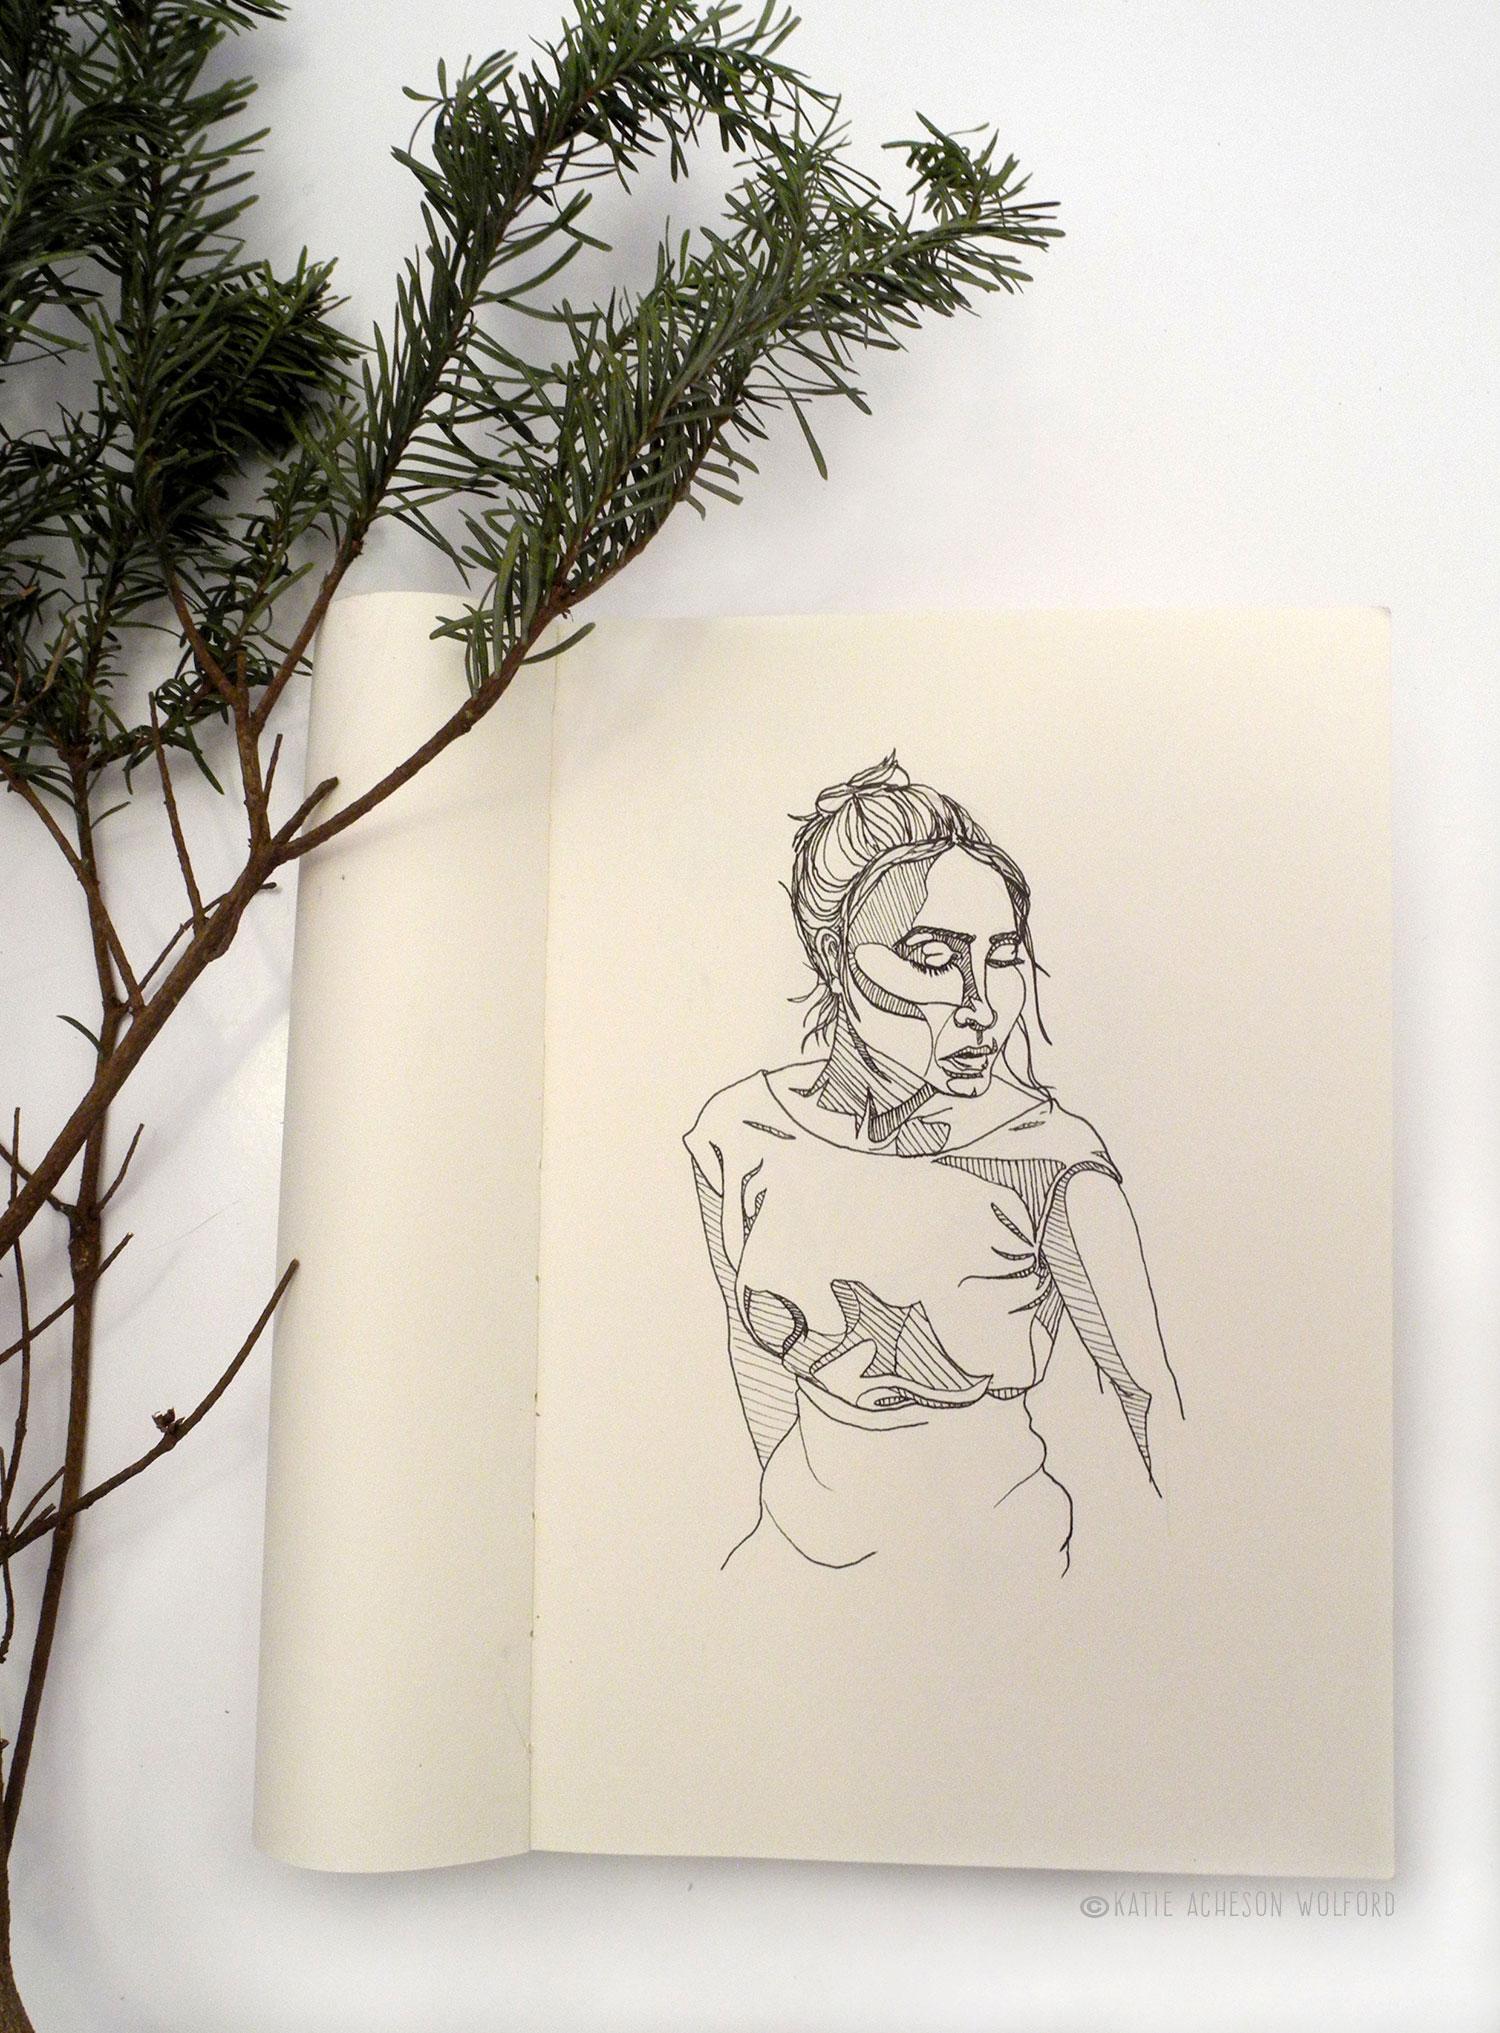 Sketchbook2KatieAchesonWolford.jpg